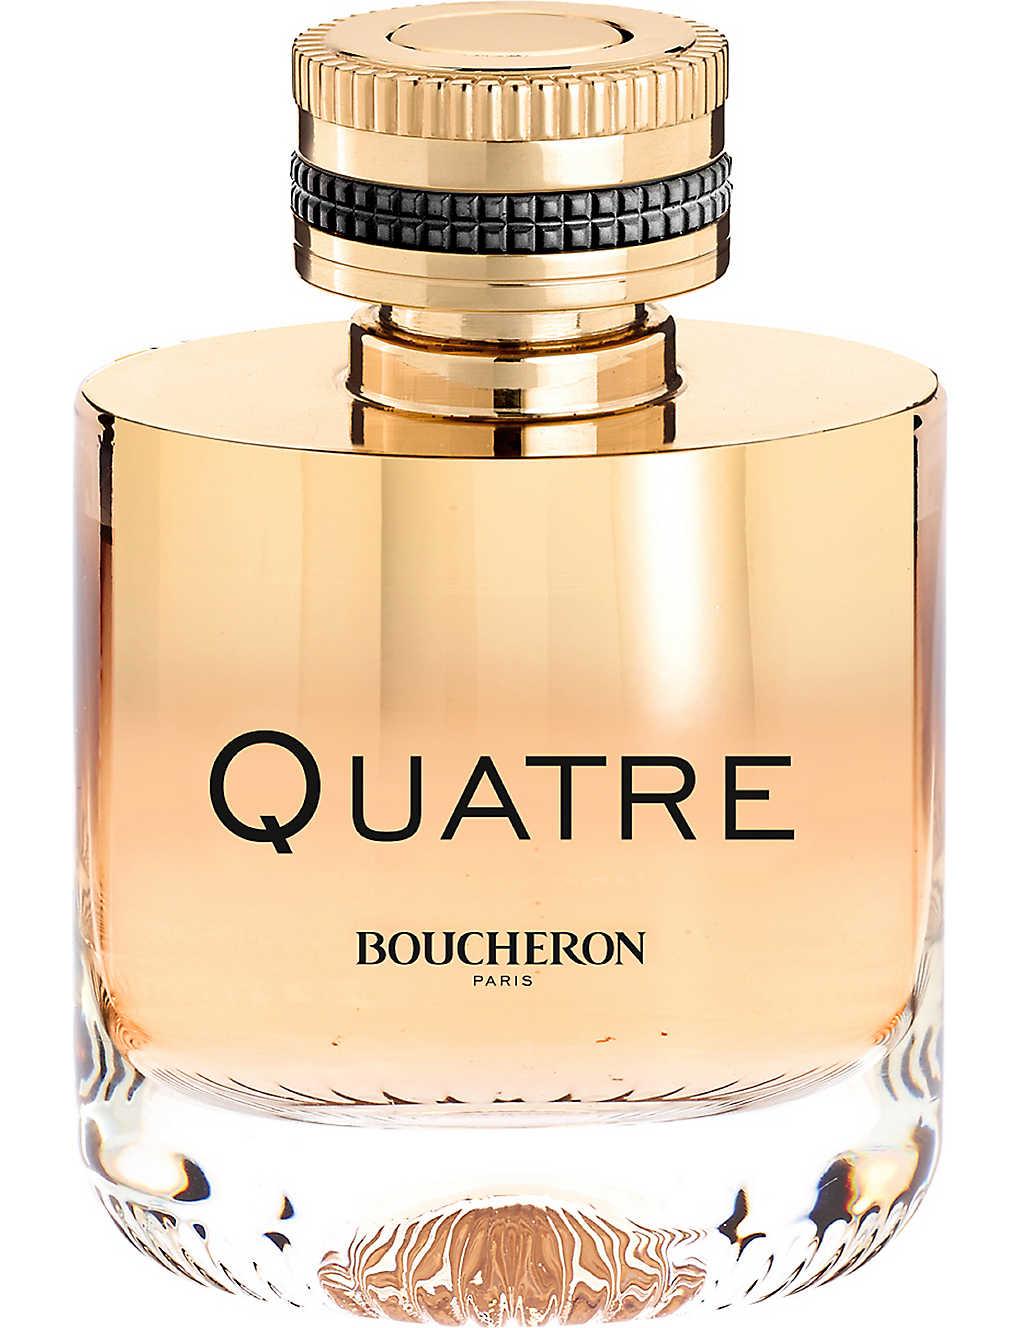 Boucheron 100ml De Quatre Intense Parfum Eau dthQCrs